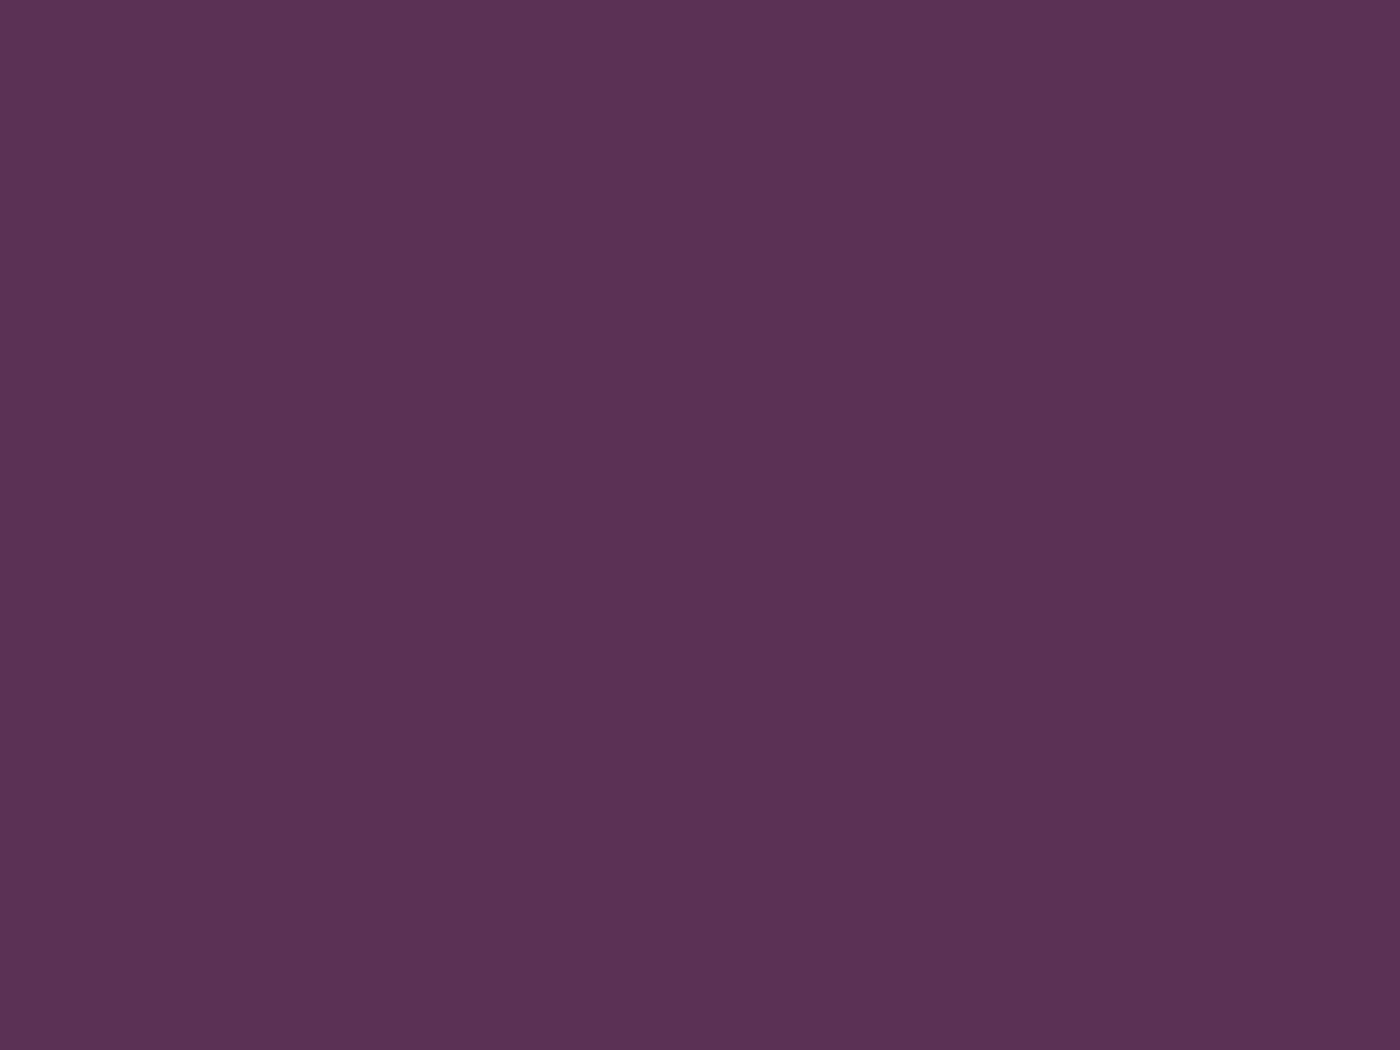 1400x1050 Japanese Violet Solid Color Background